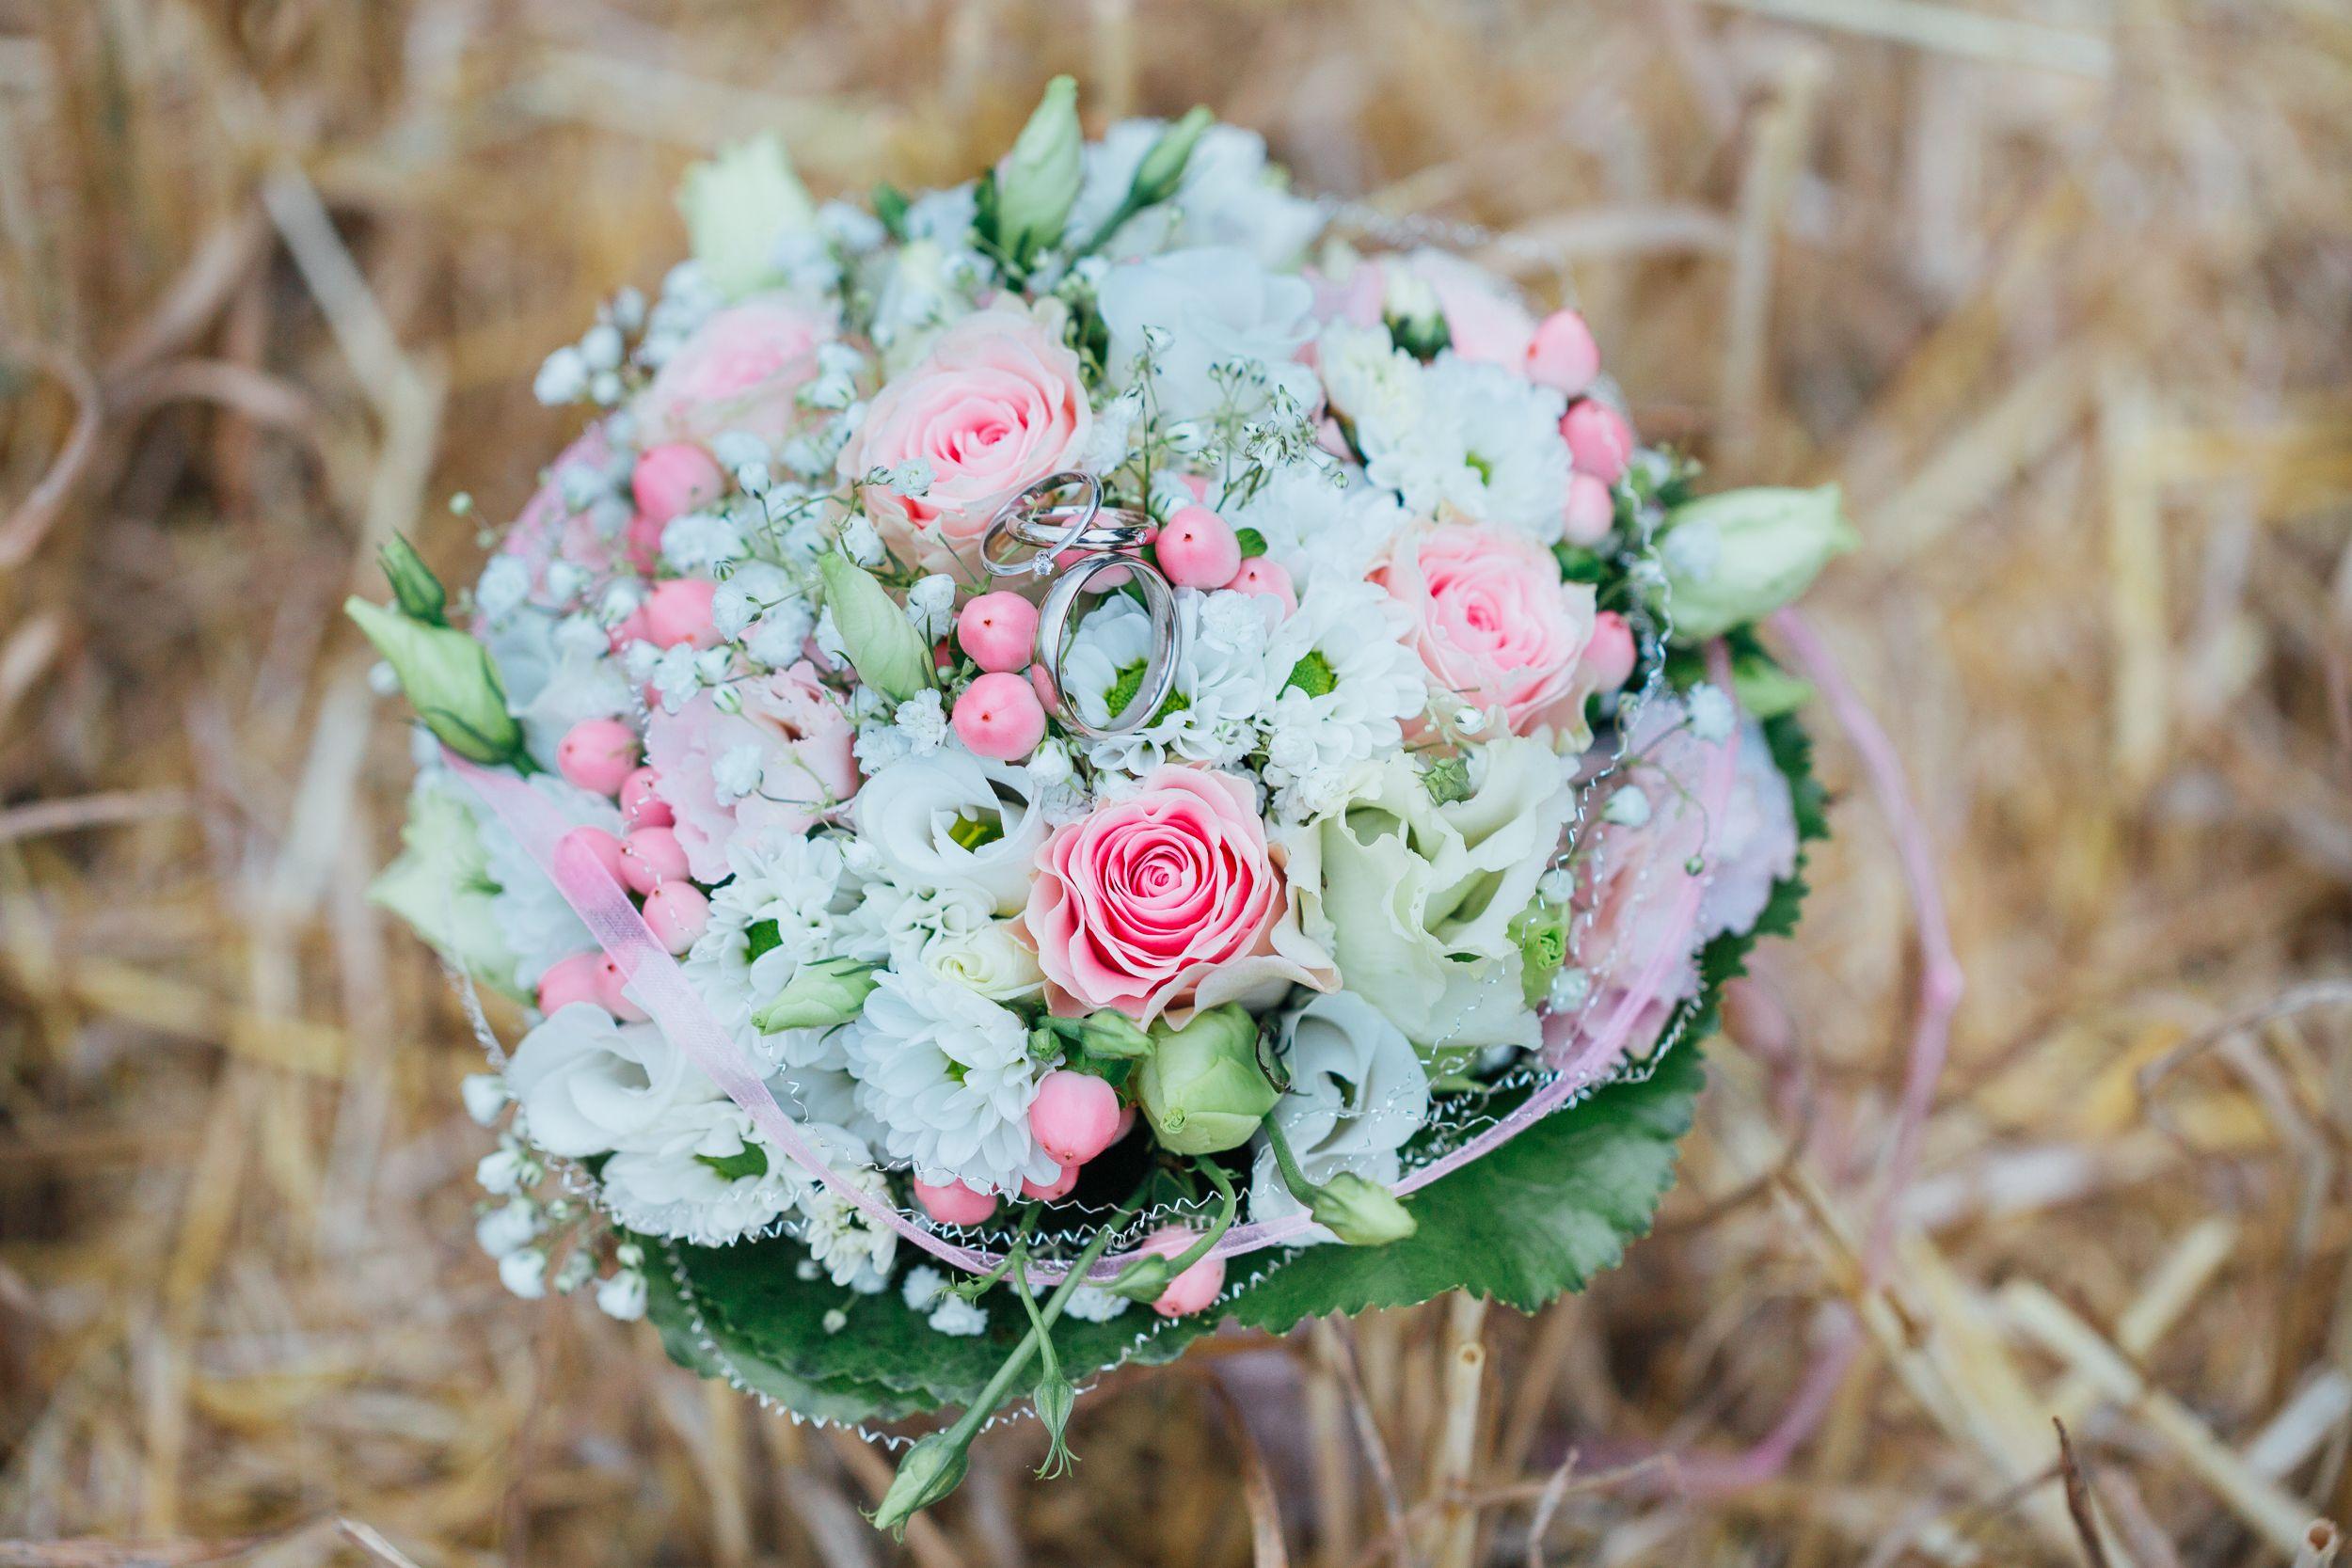 Der Hochzeitsstrauss Einer Hochzeit Im August Die Ich Fotografiert